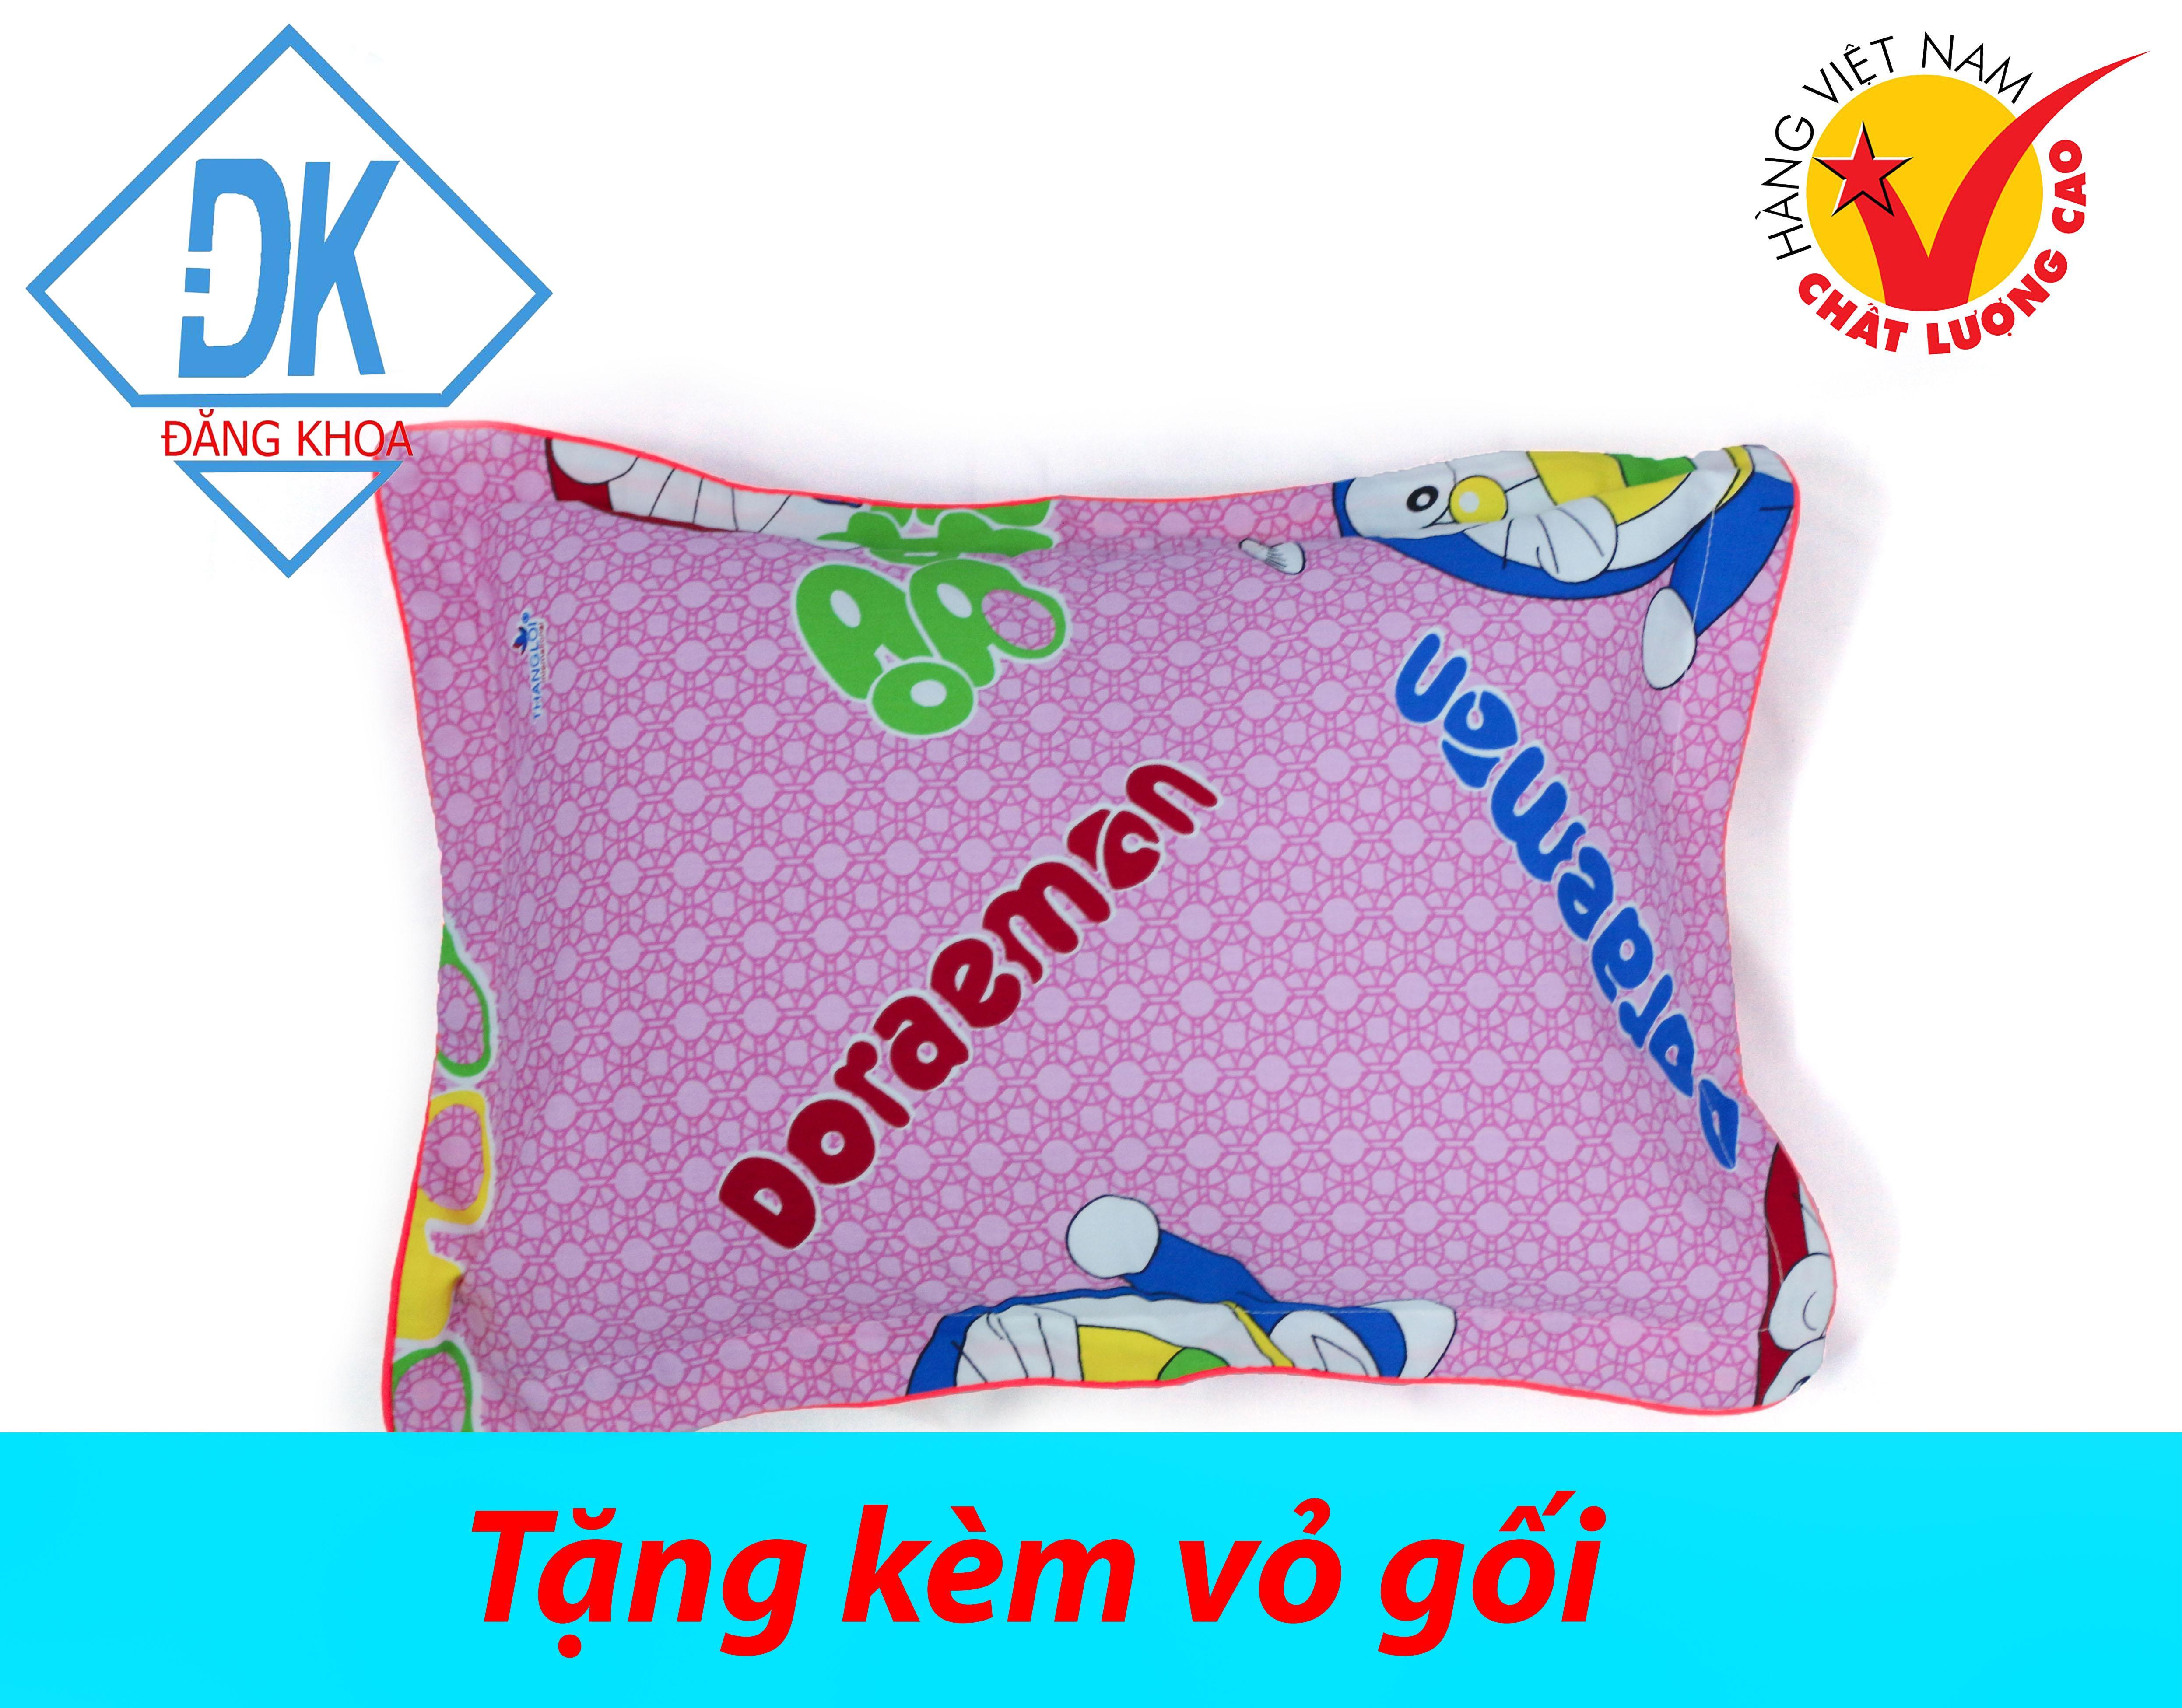 [HCM]1 Gối ngủ cho bé 30x40cm + tặng 1 vỏ gối cotton Thắng Lợi gối hơi hàng VN cao cấp - goi ngu goi hoi chất lượng cao